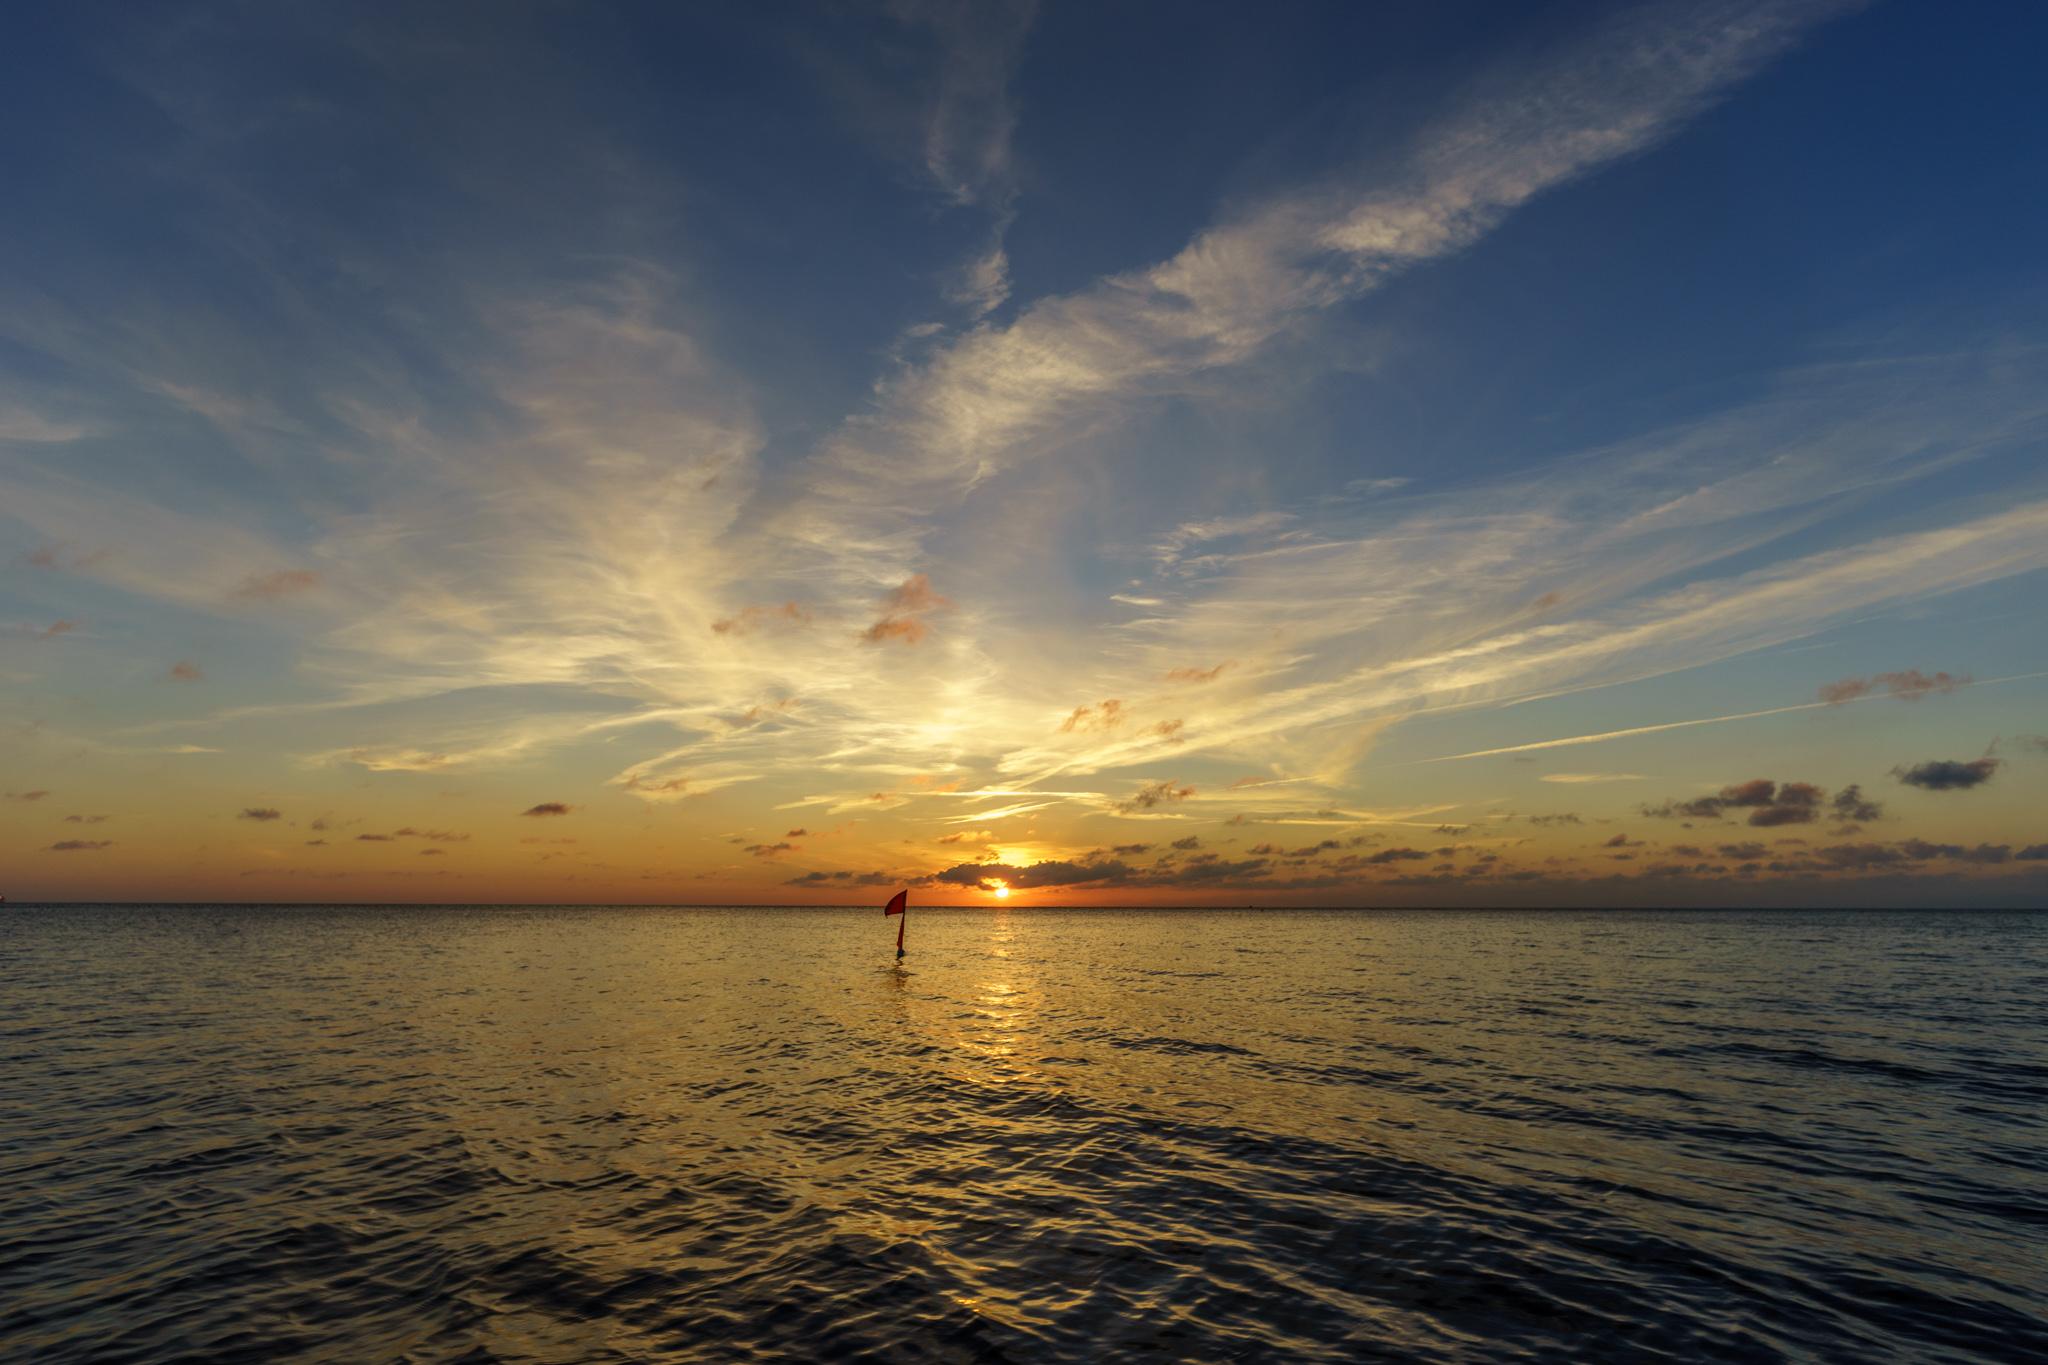 Im Sonnenuntergang sehen selbst Fischerfähnchen schön aus